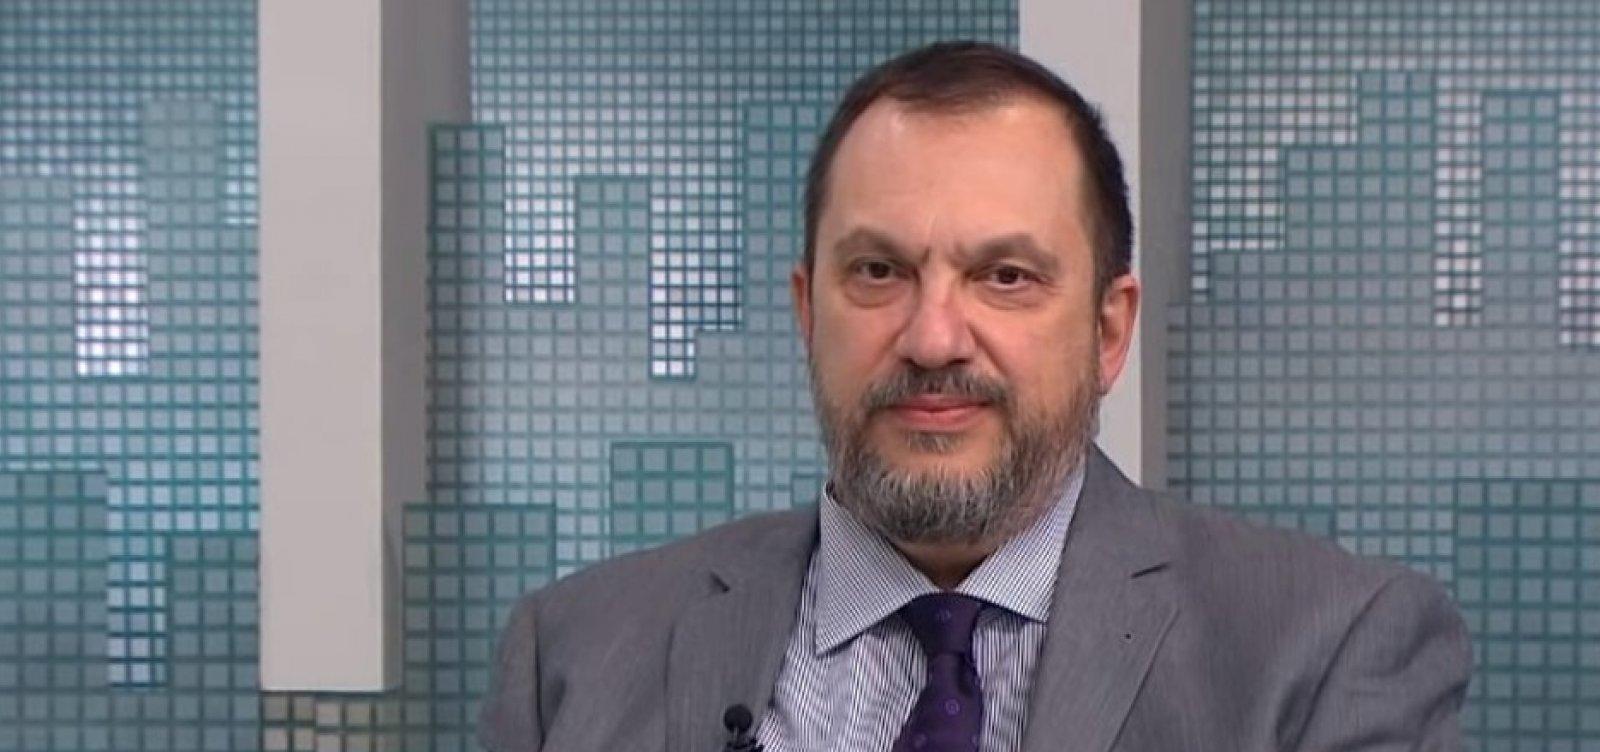 Diretor do Datafolha rebate general que questionou 'fraude' em pesquisas eleitorais